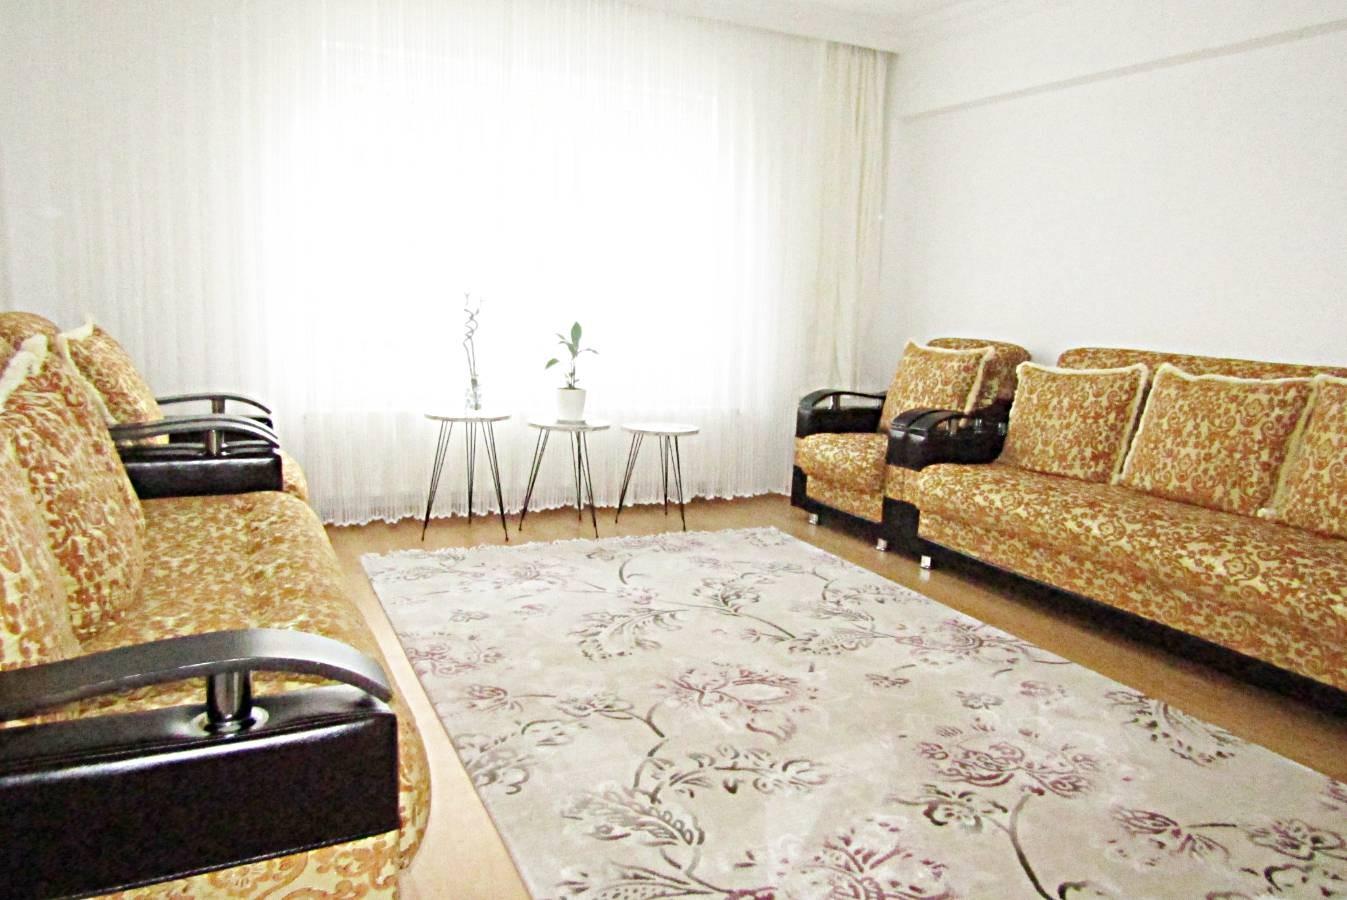 SR EMLAK'TAN K.KARABEKİR MAH'DE 2+1 105 m² BAĞIMSIZ CADDEYE YAKIN DAİRE